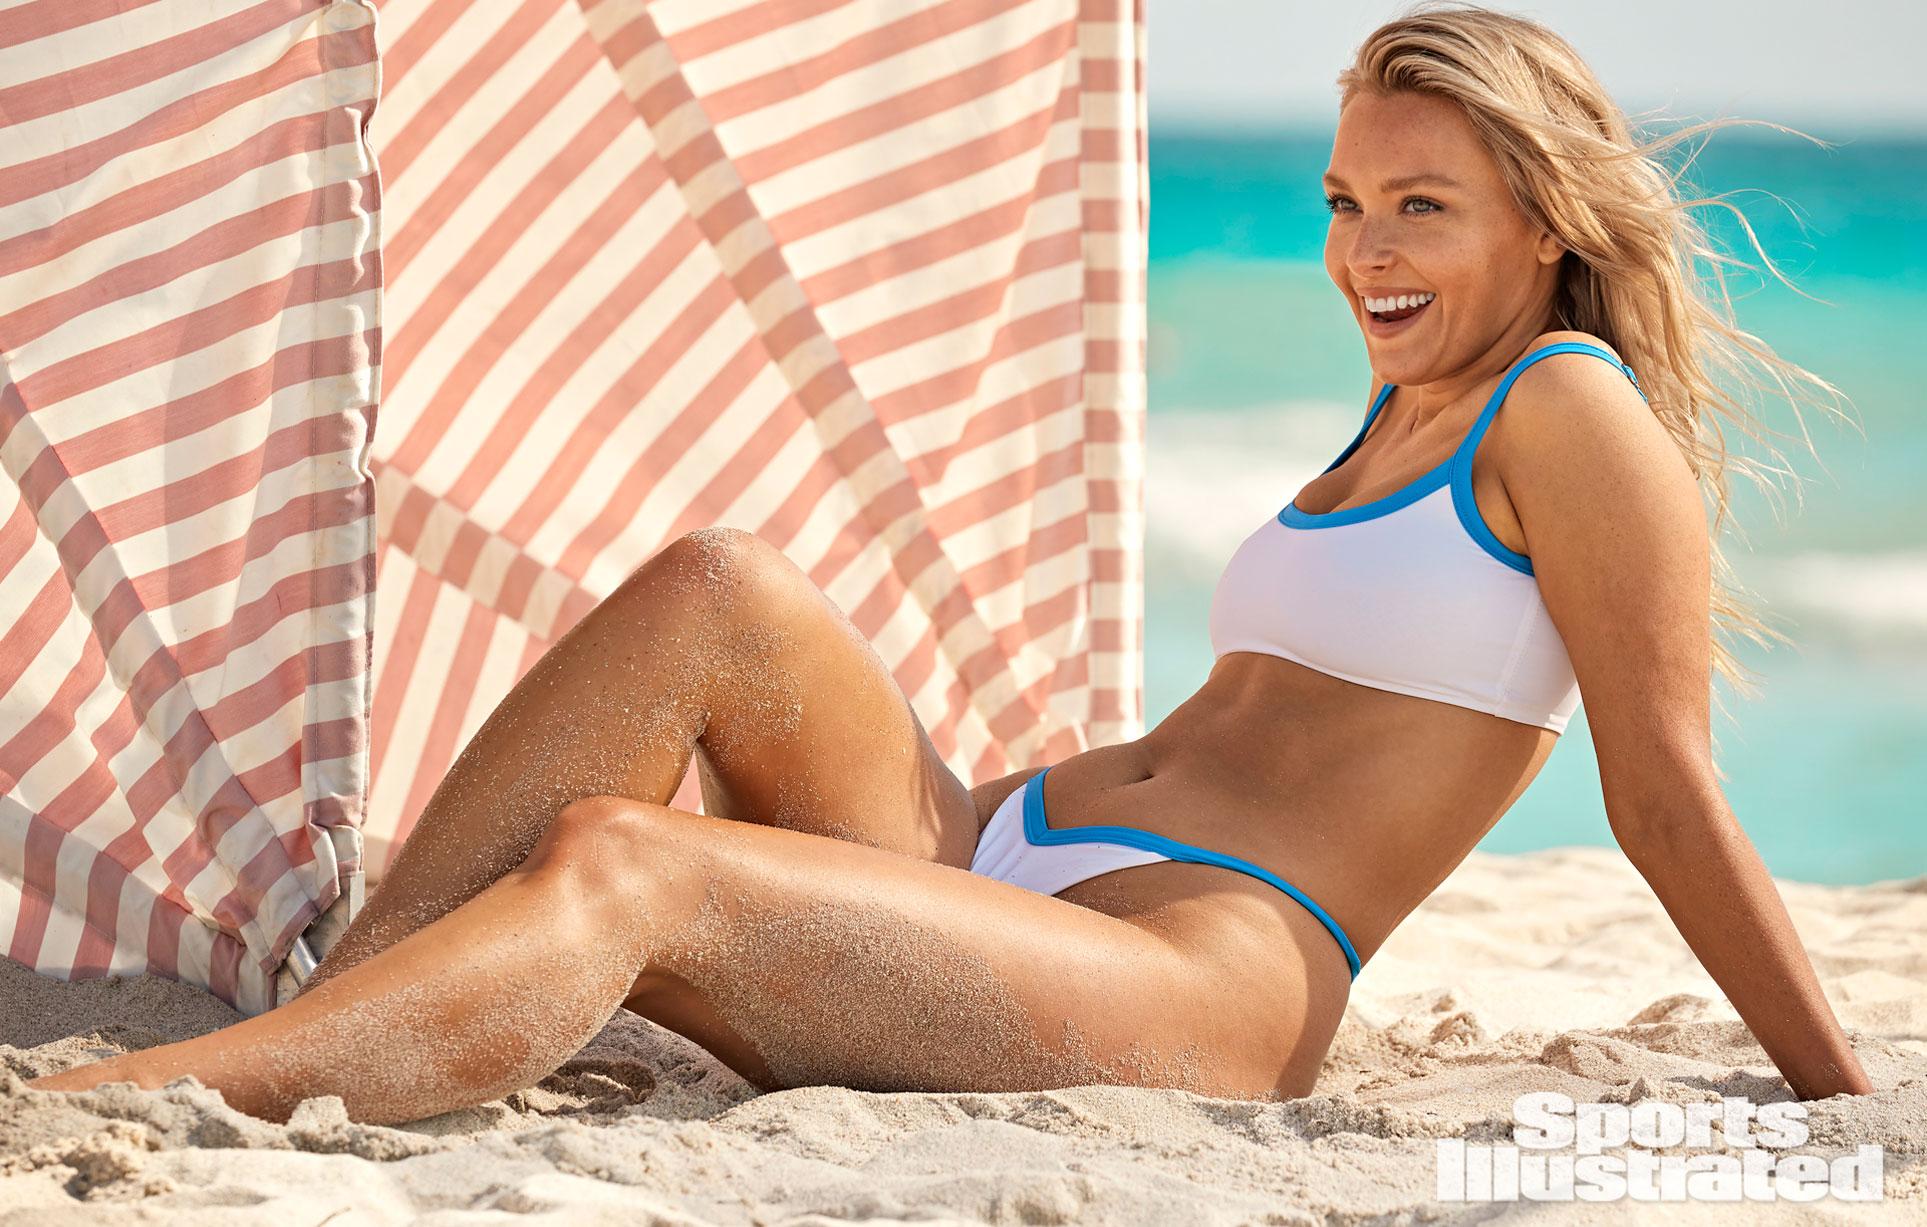 Камилль Костек в каталоге купальников Sports Illustrated Swimsuit 2021 / фото 16